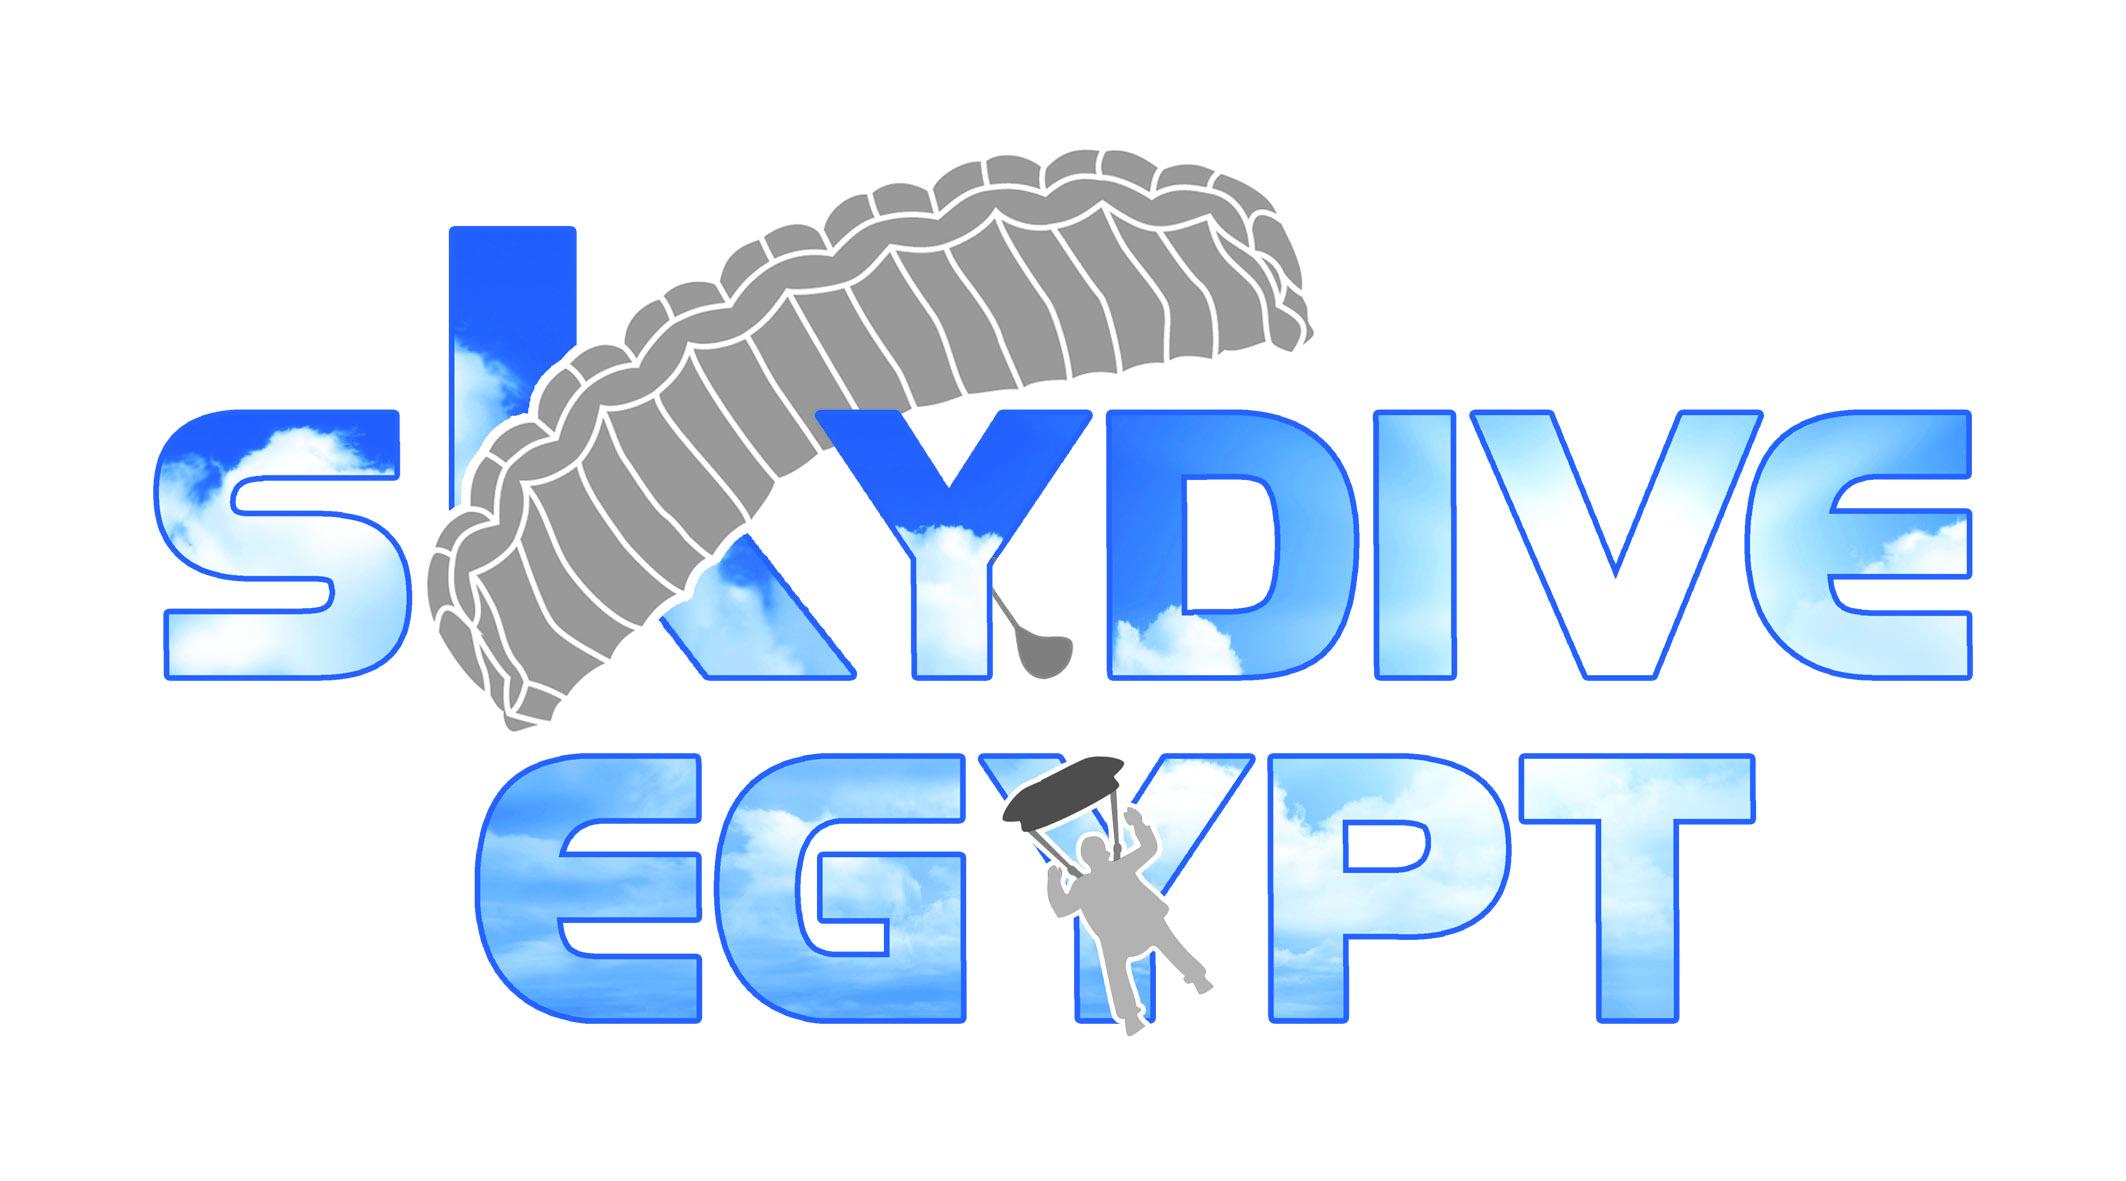 https://secureservercdn.net/198.71.233.44/516.356.myftpupload.com/wp-content/uploads/2019/12/Skydive-Egypt-Logo.jpg?time=1634913398